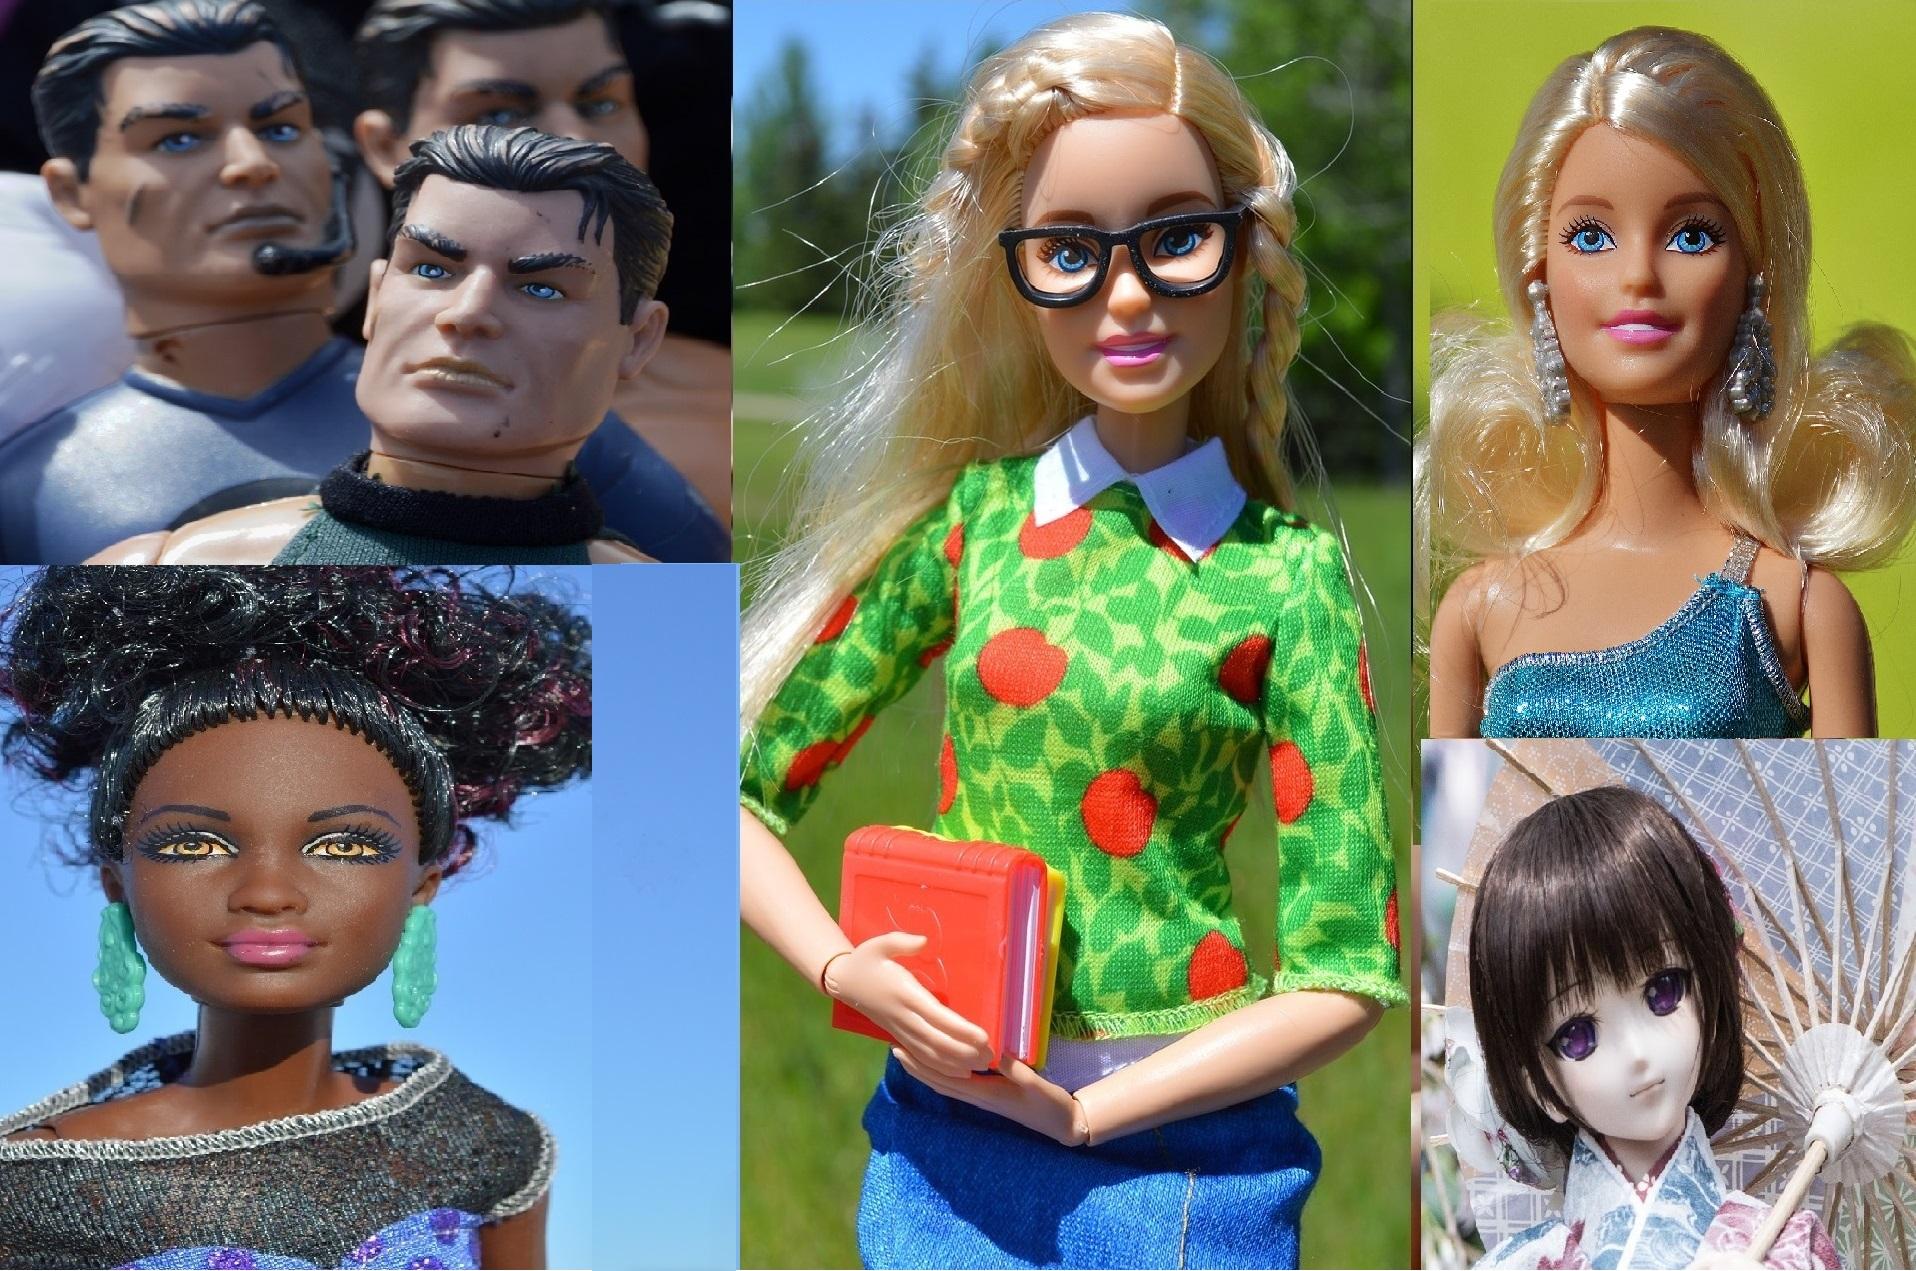 dolls- rugged men, black Barbie, nerd girl, white Barbie, Asian doll - Stereotypes